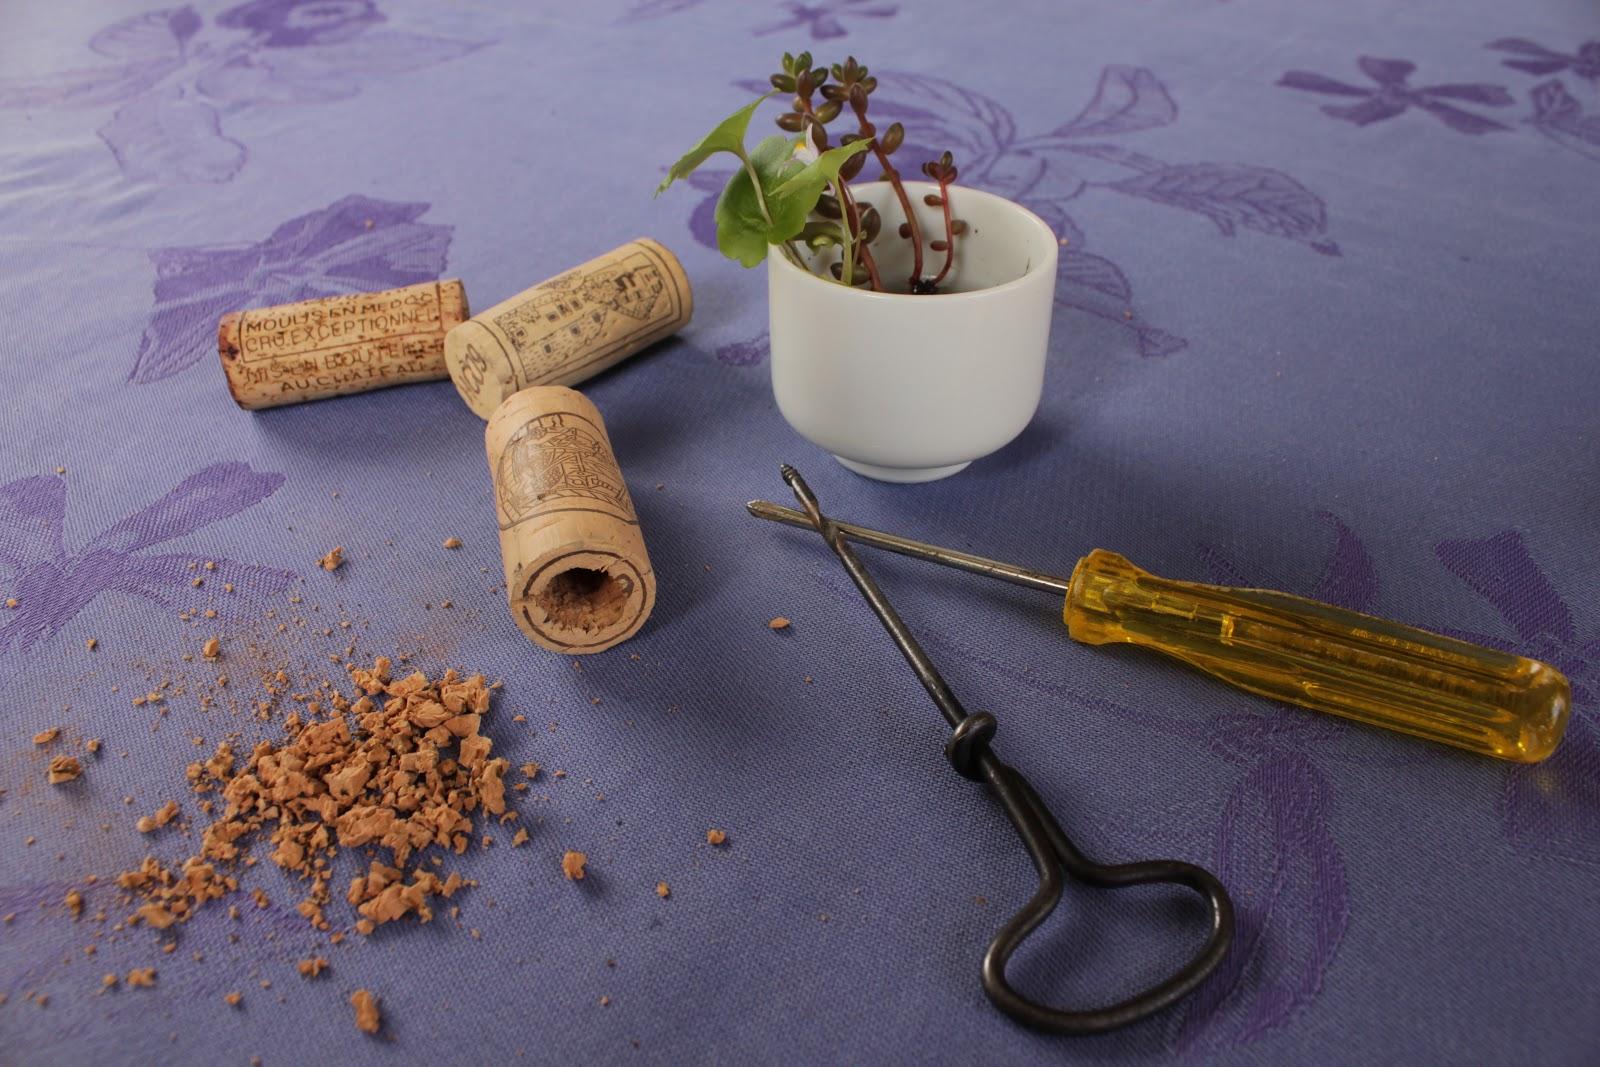 plante grasse bouchon liege